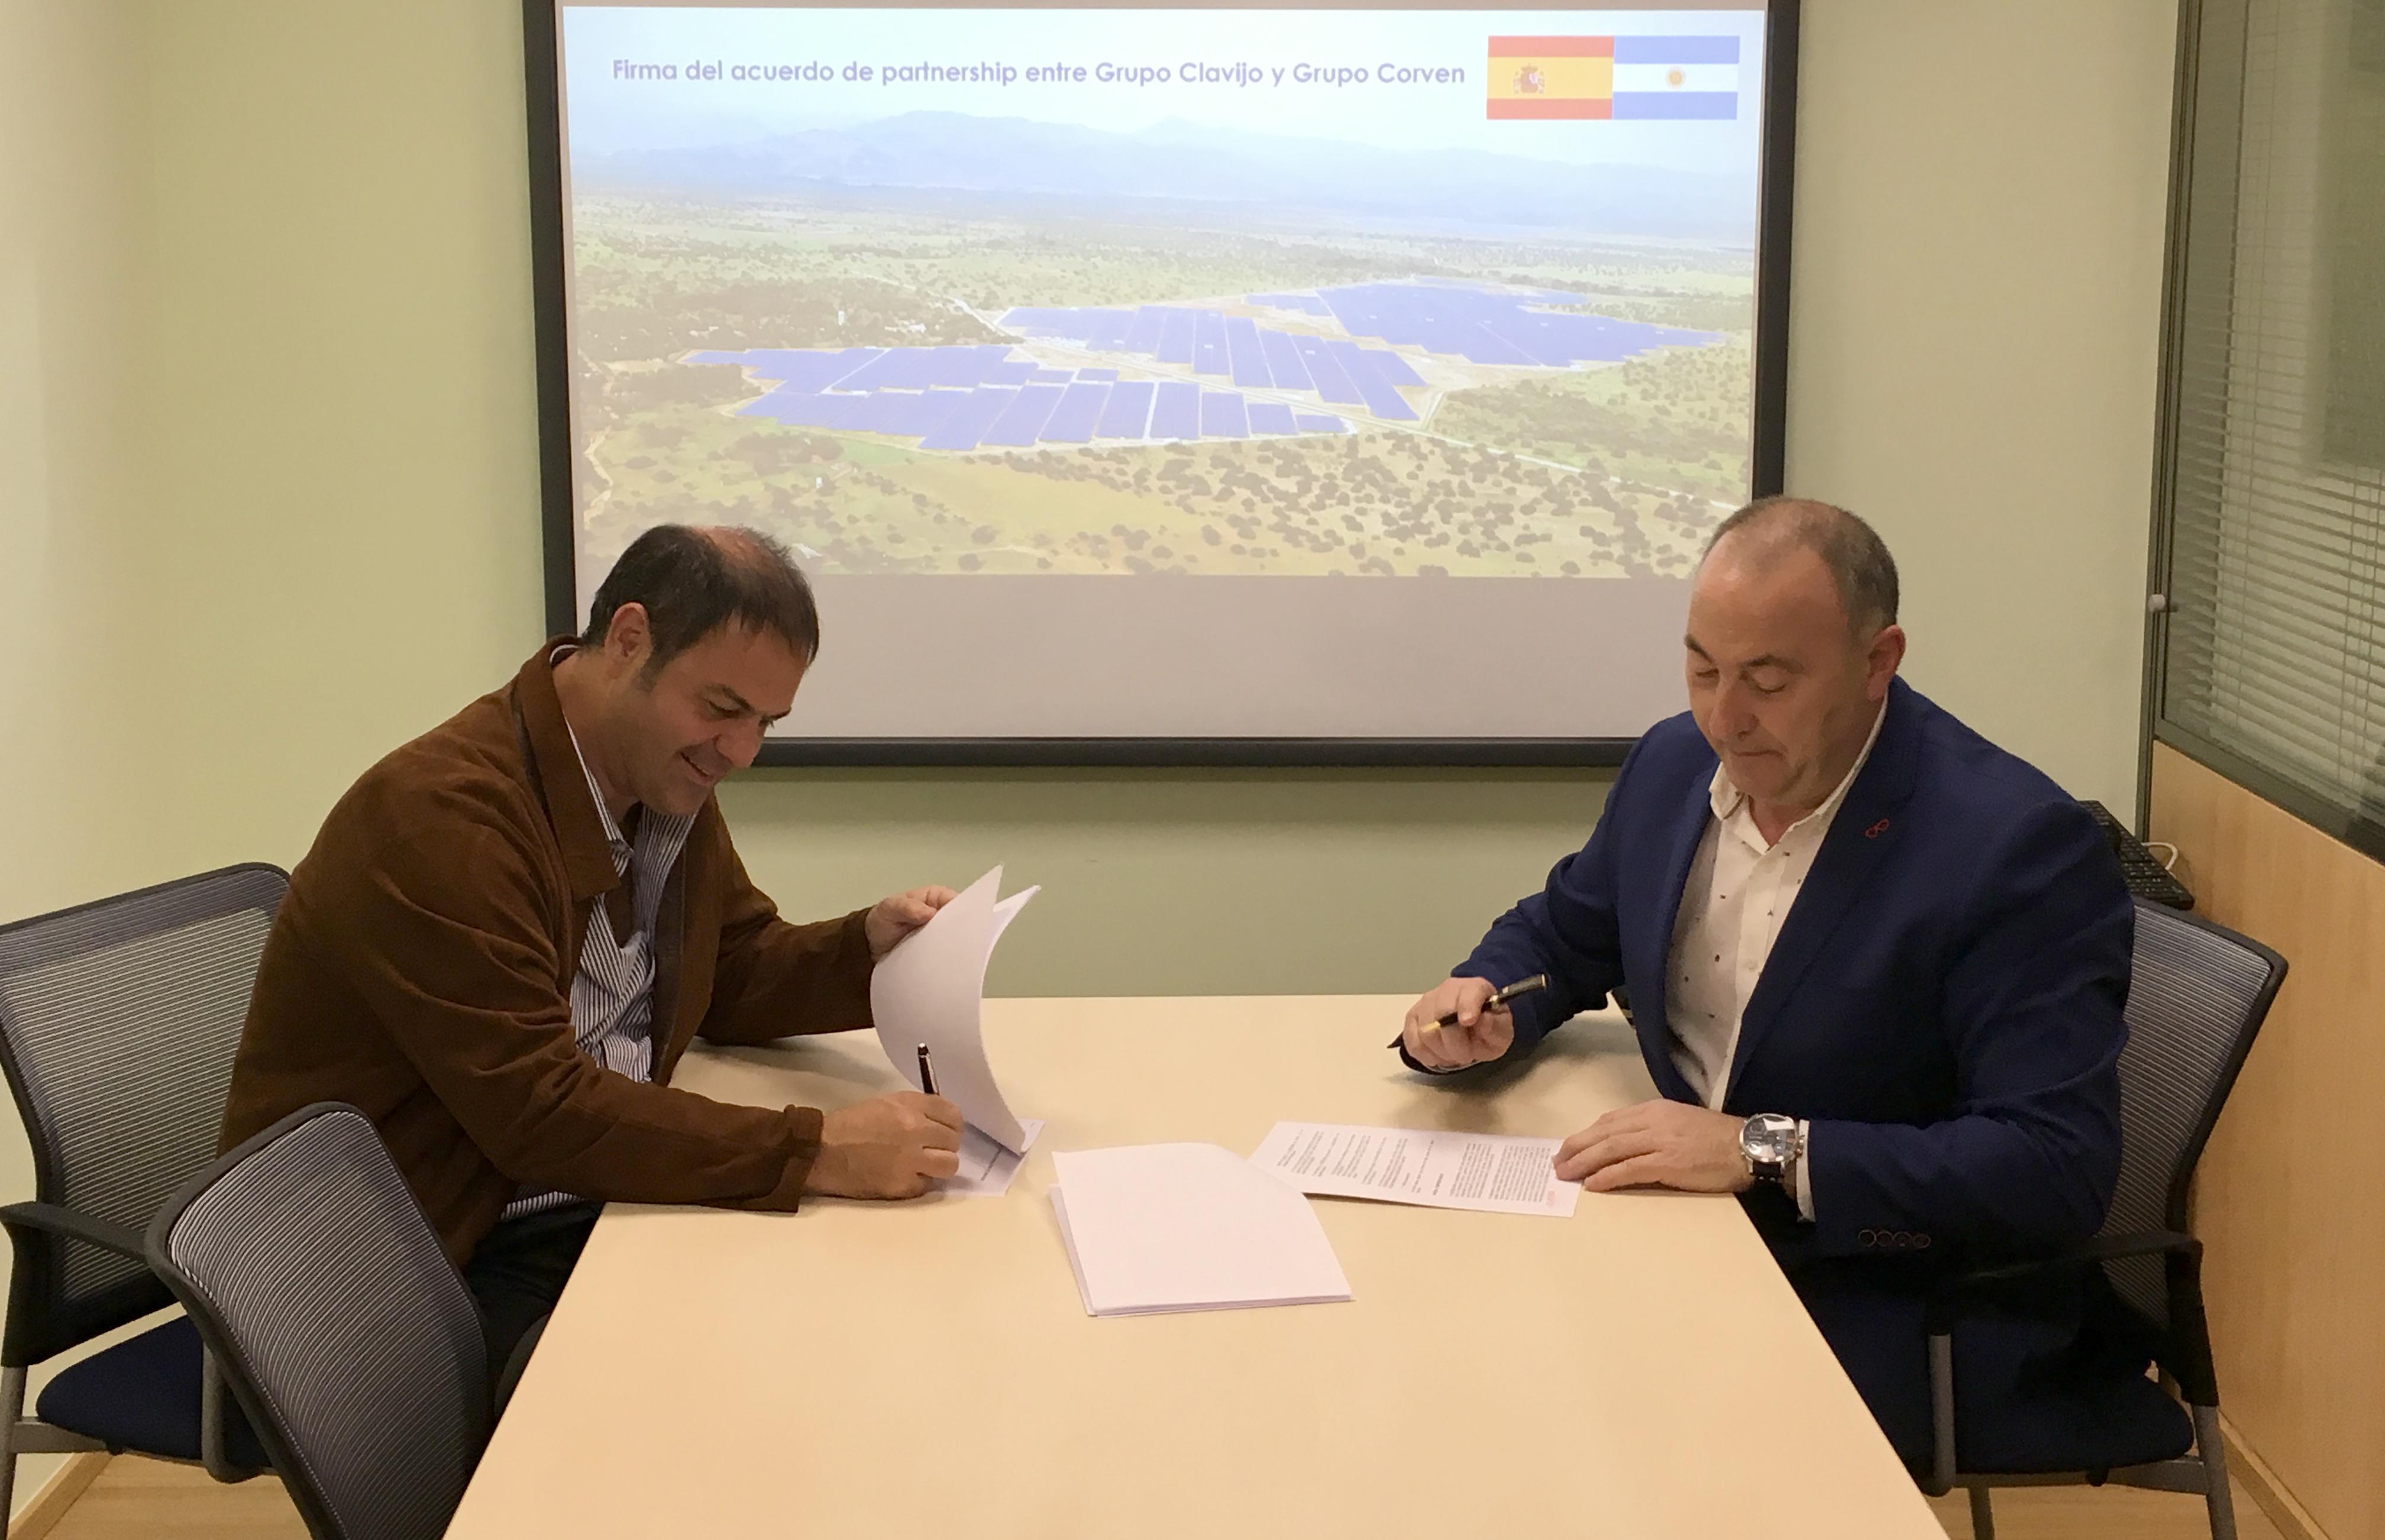 Momento de la firma del acuerdo entre  Leandro Iraola y Miguel Clavijo, presidentes de Grupo Iraola y Grupo Clavijo, respectivamente.